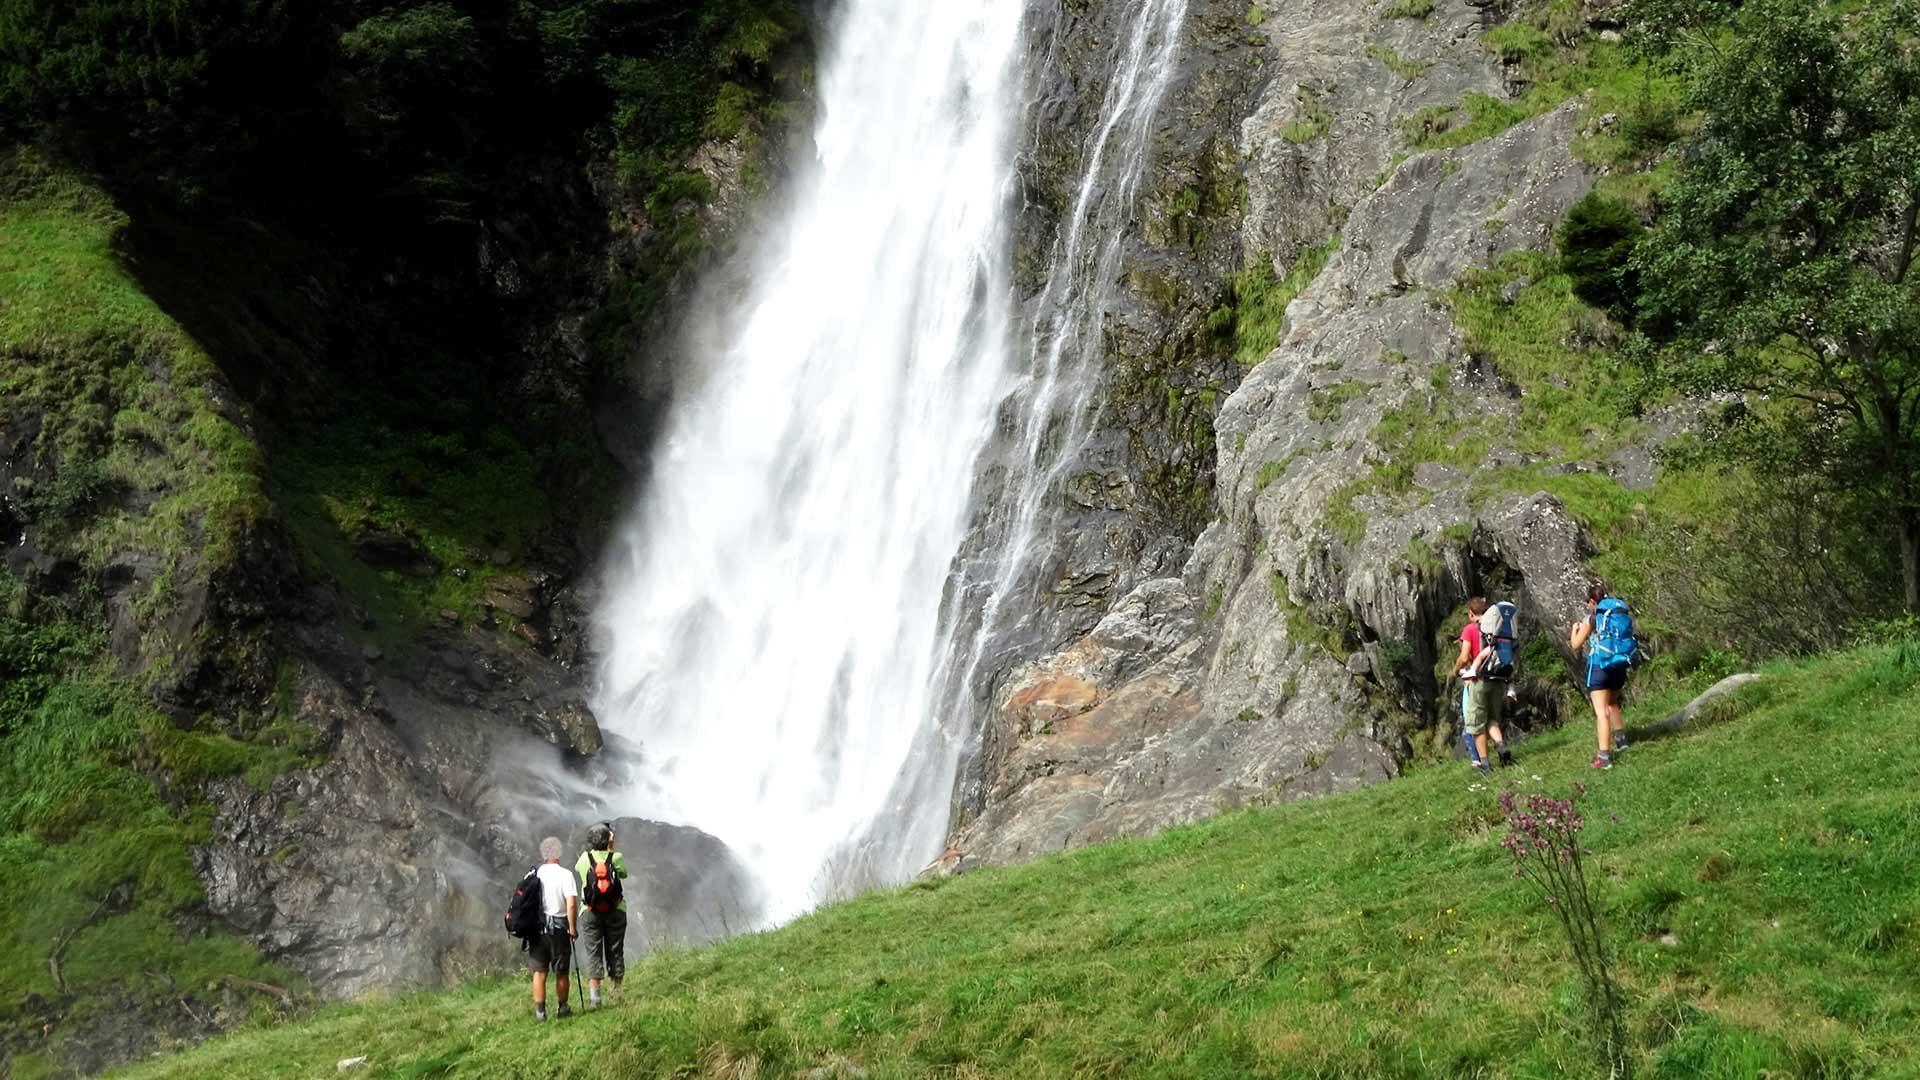 Wanderung zum Partschinser Wasserfall